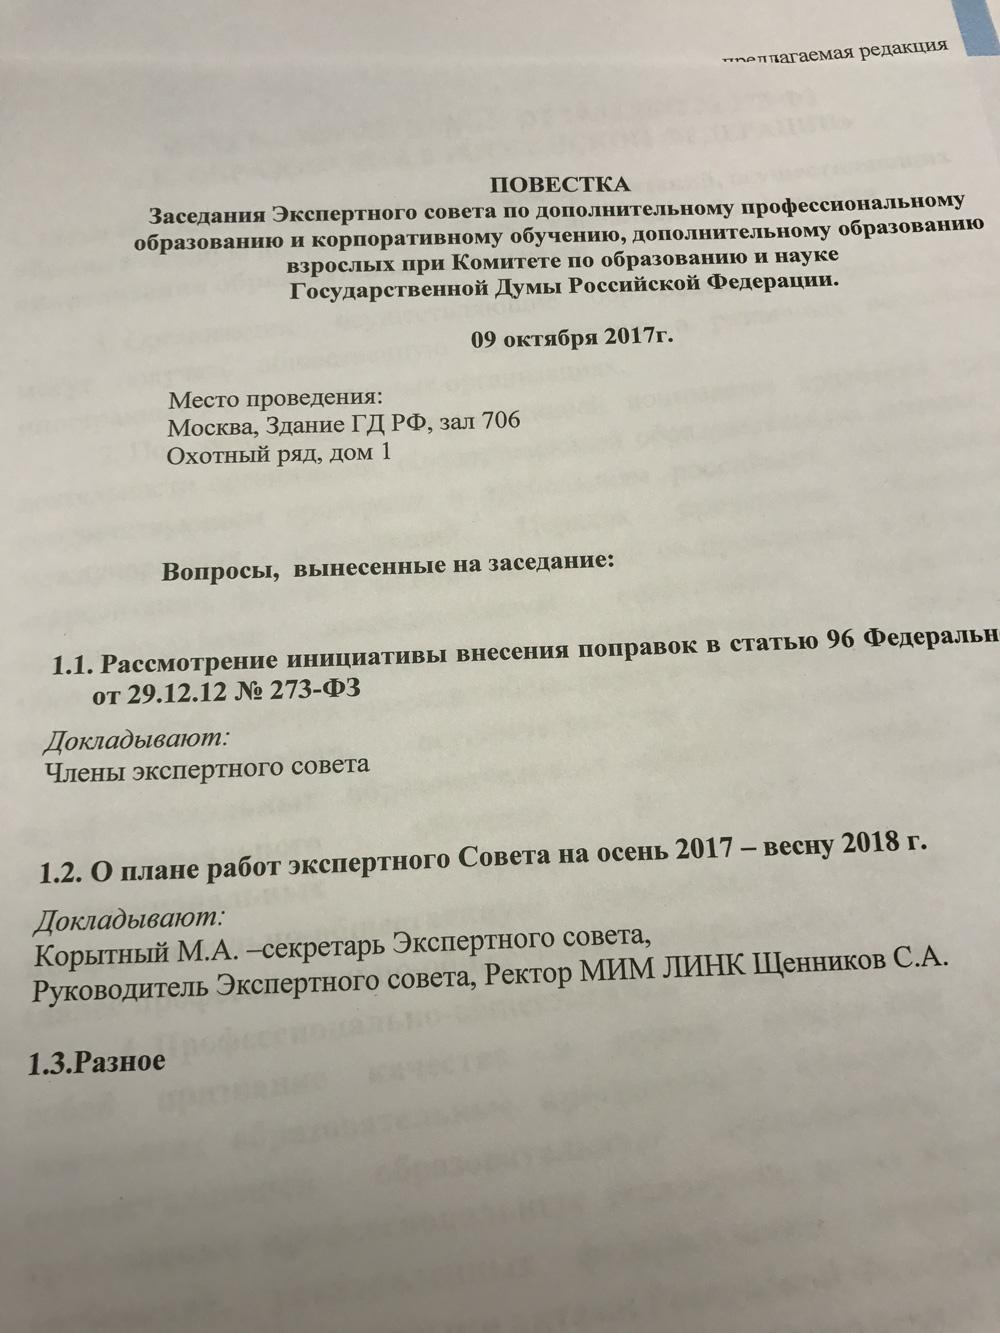 Заседание Экспертного Совета Фото 2